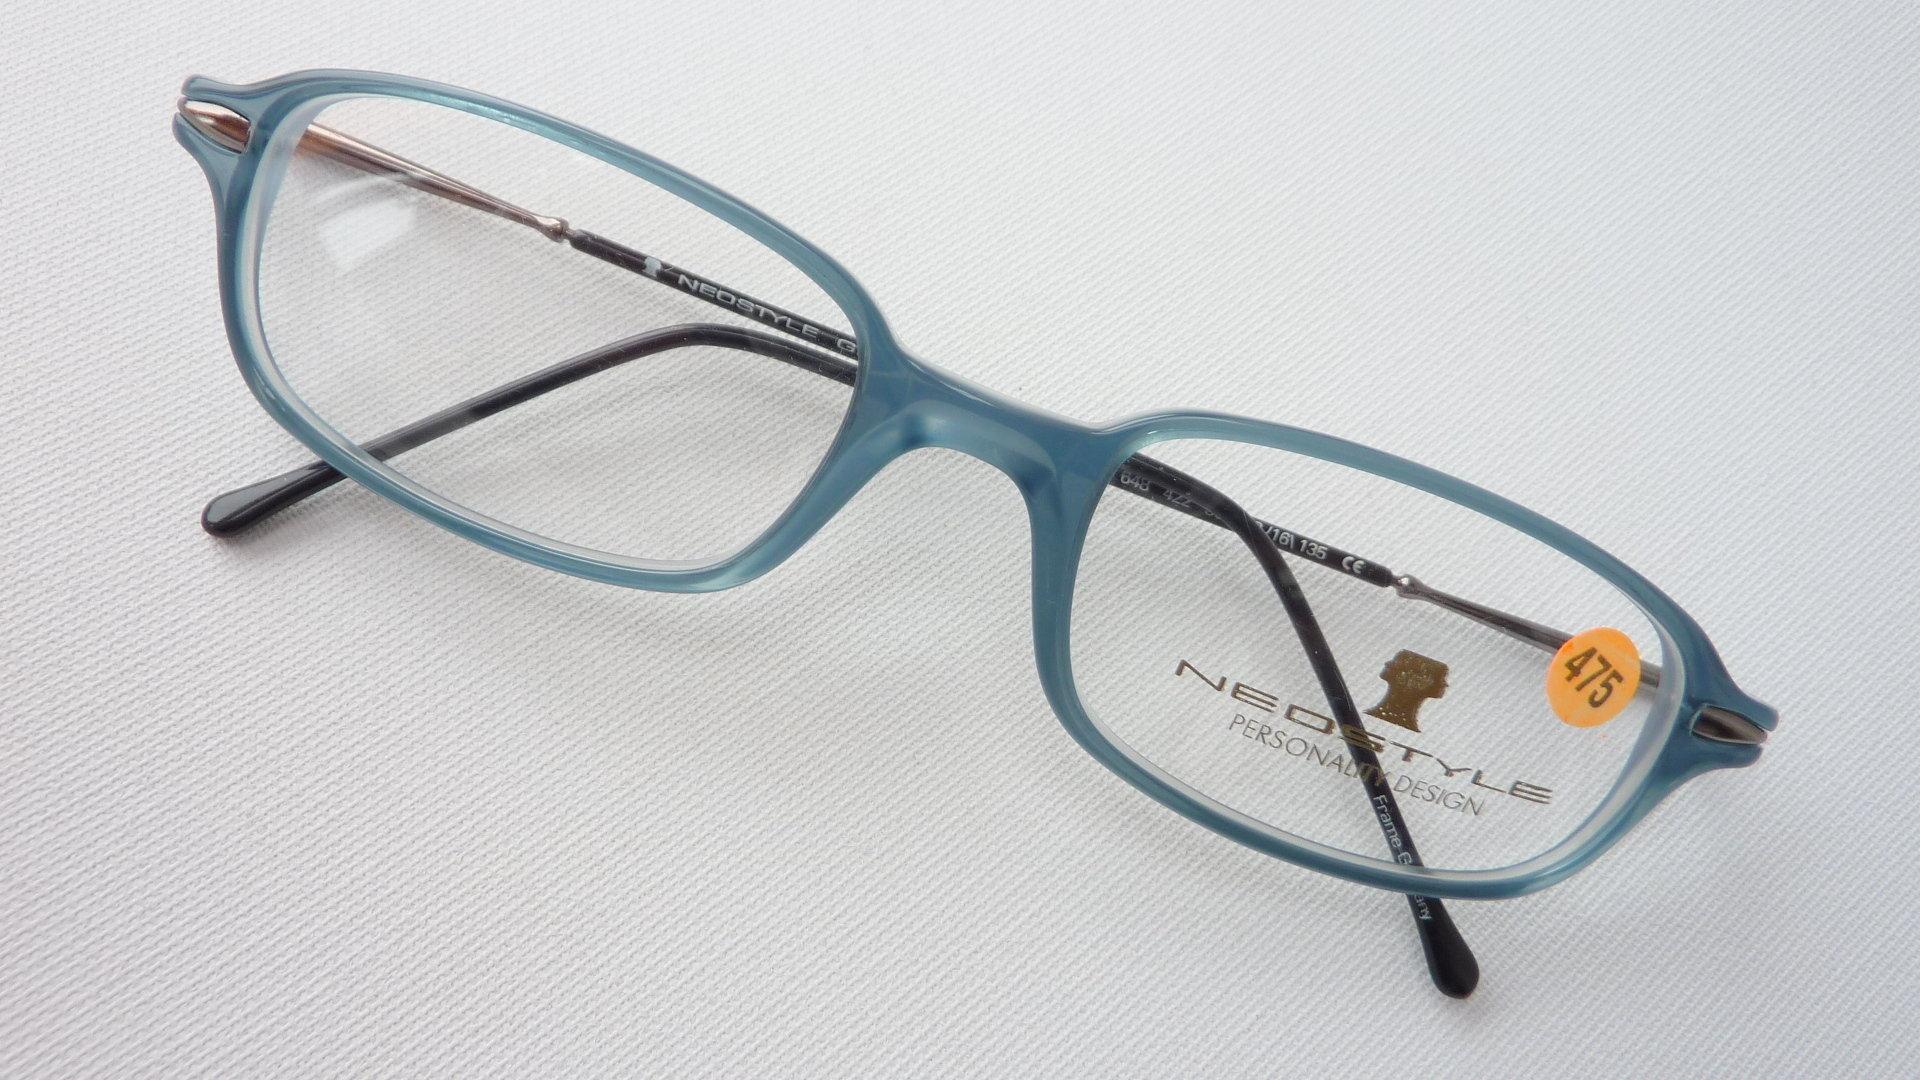 NEOSTYLE Markenbrille Brillengestell Herrenbrille